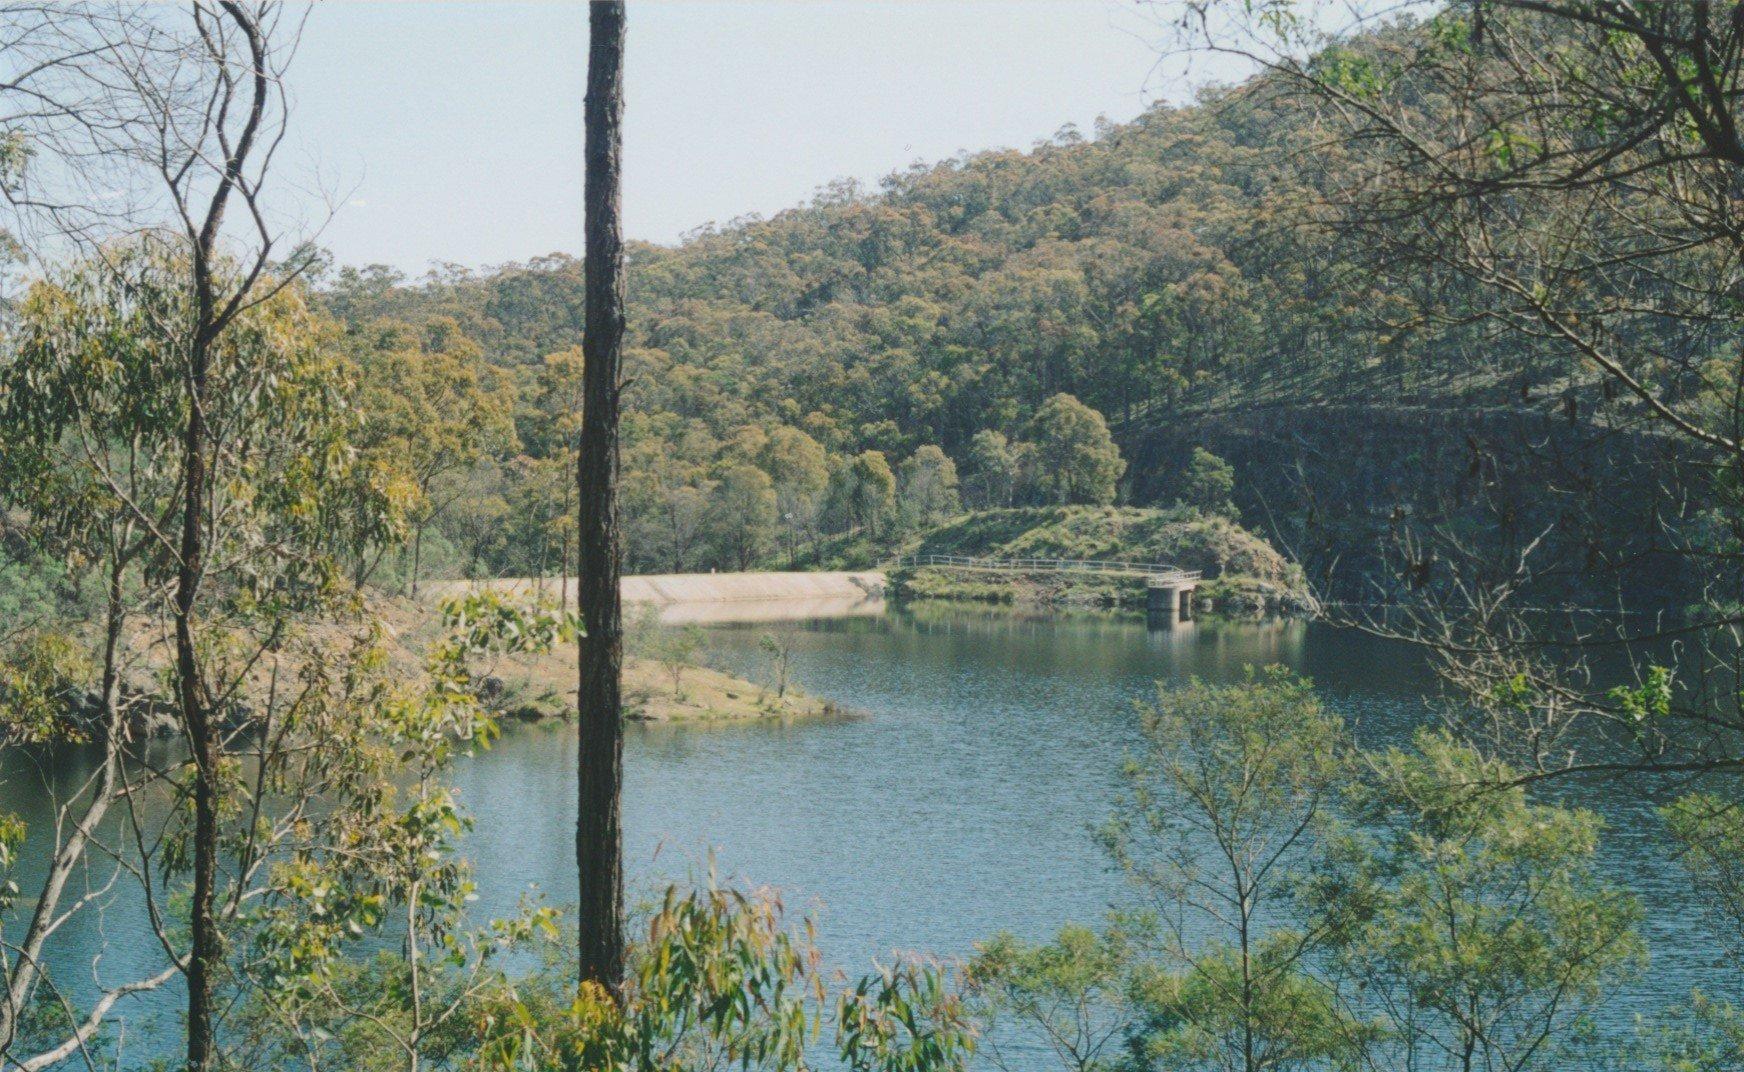 Sugarloaf Reservoir on the Running Creek above Streamville, 2003